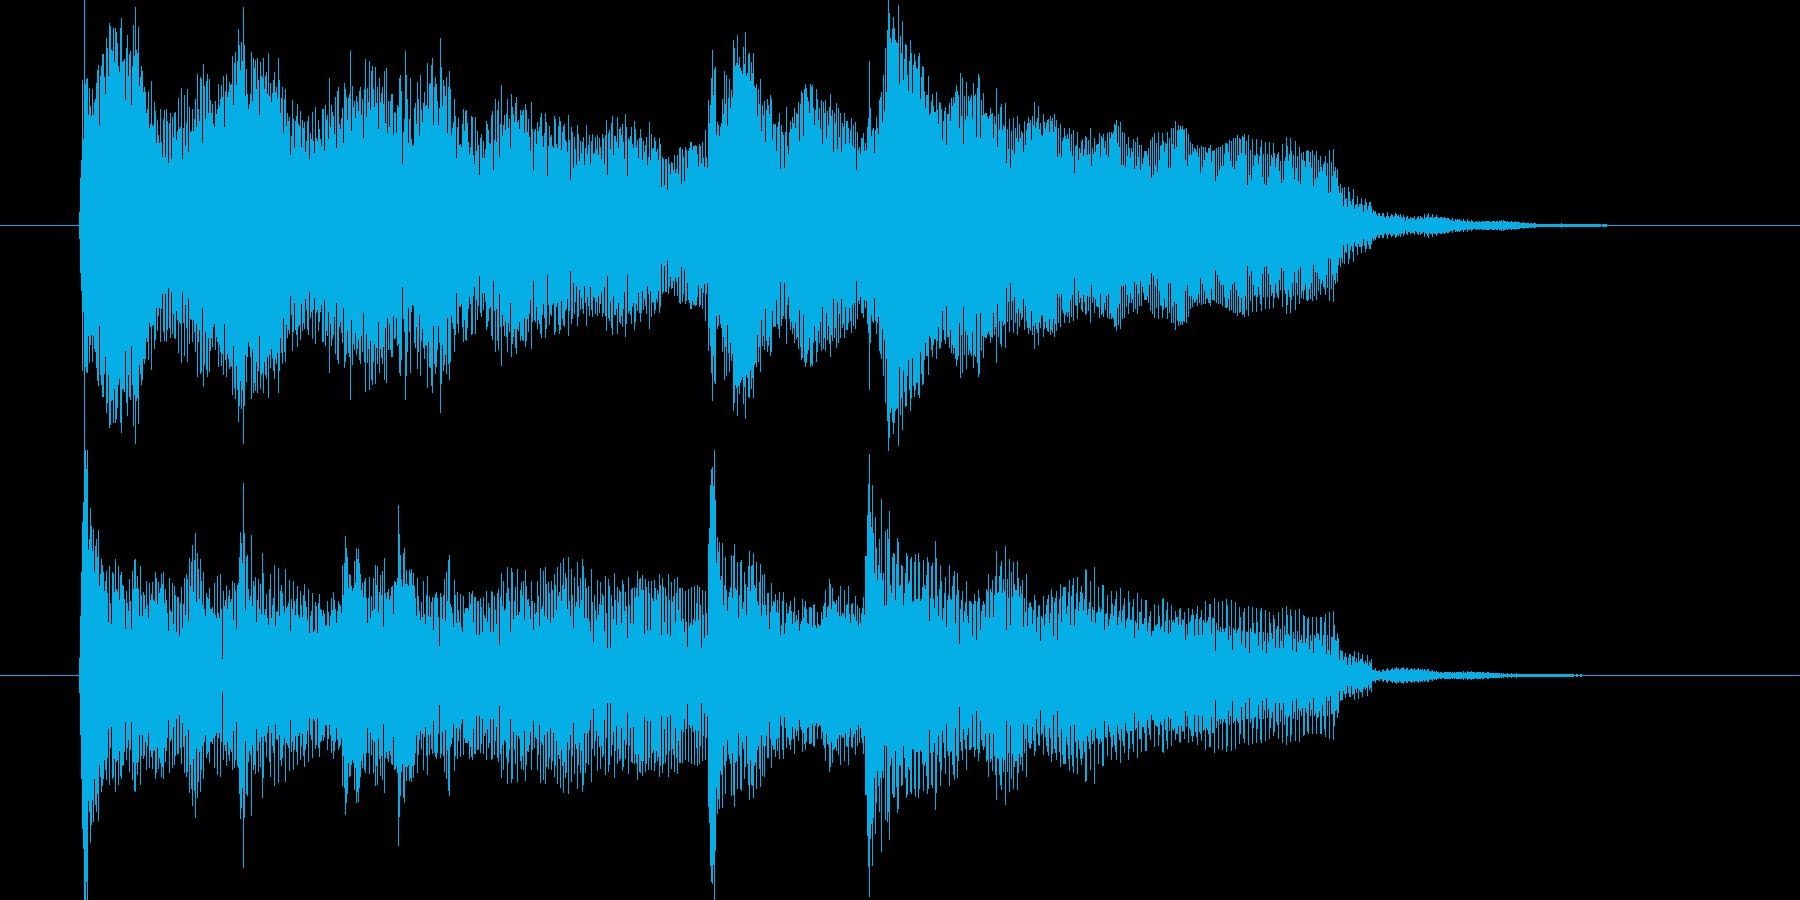 ピアノ・ボサノバっぽいジングルの再生済みの波形